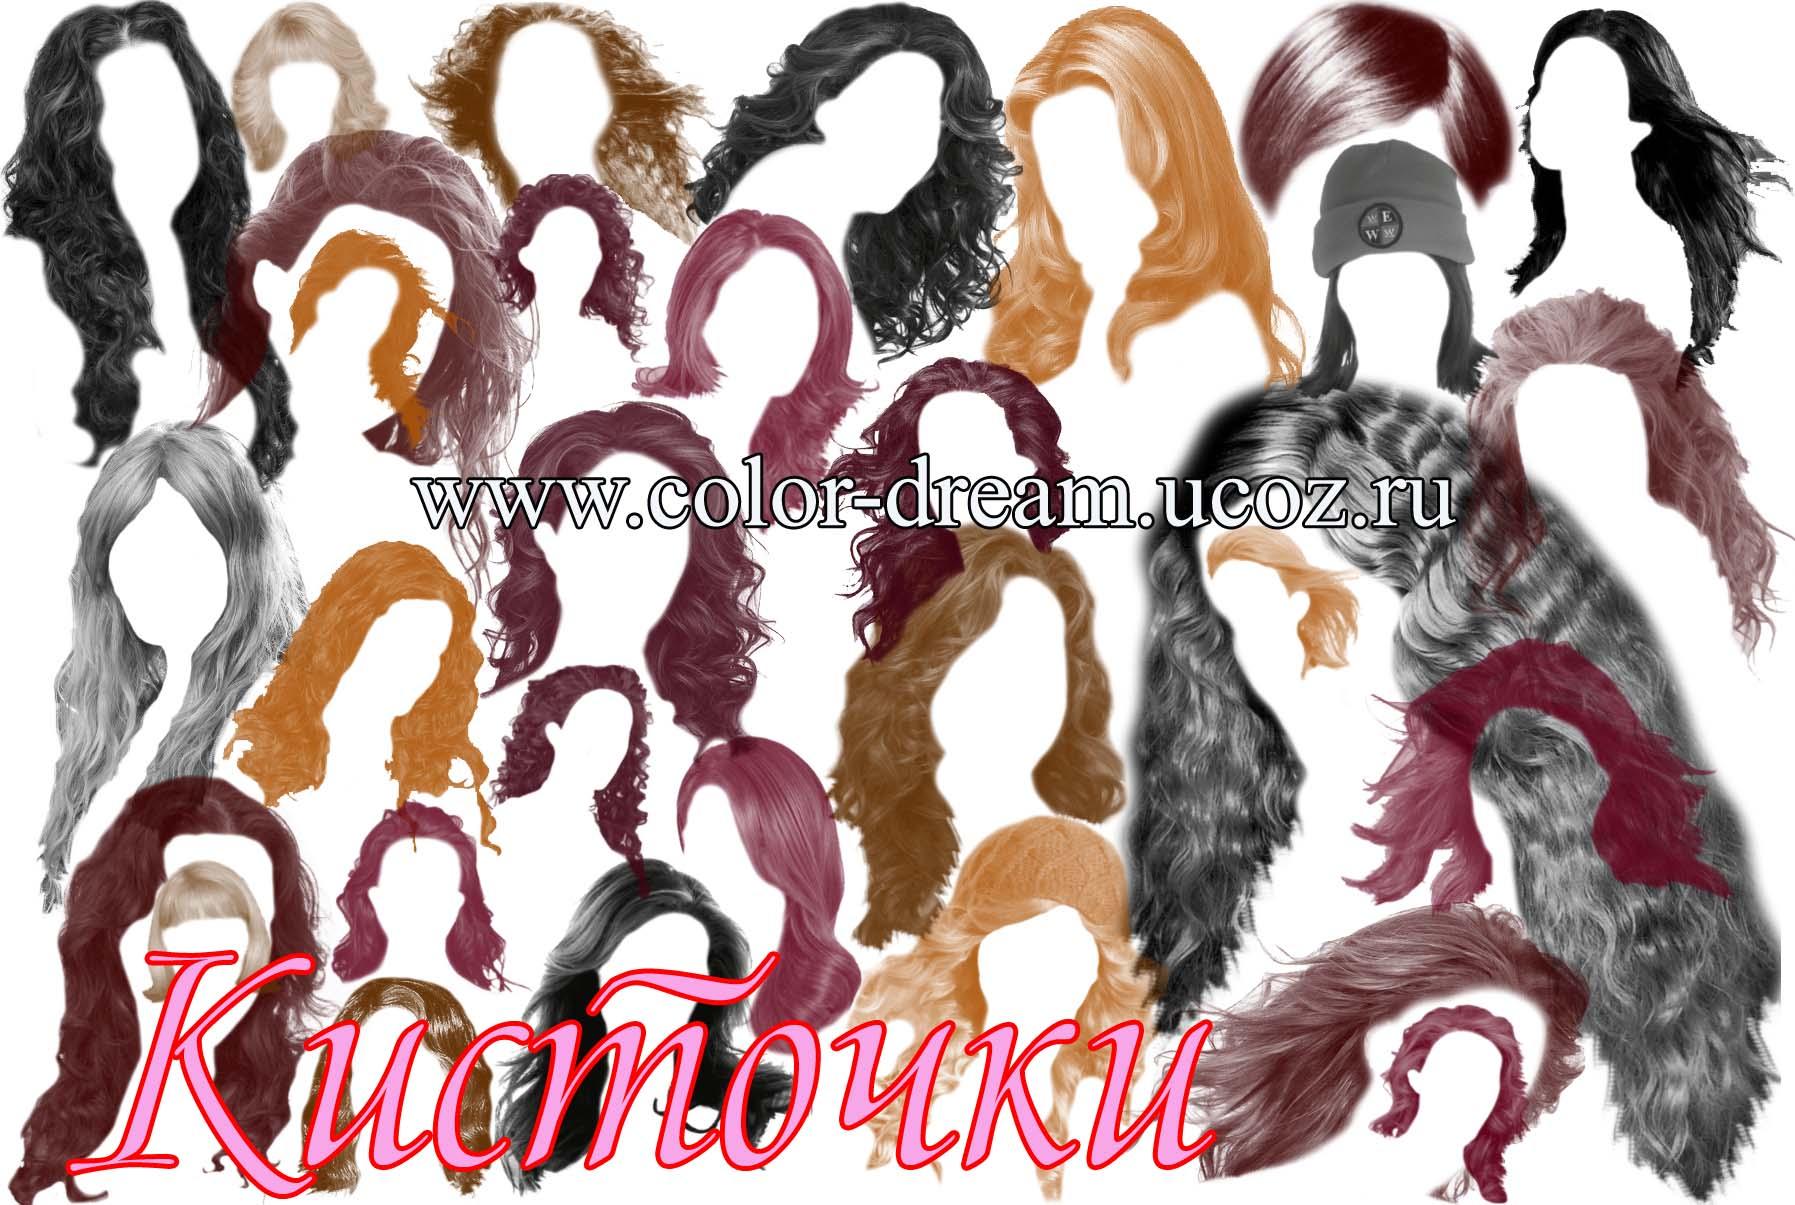 кисти фотошоп - прически и волосы